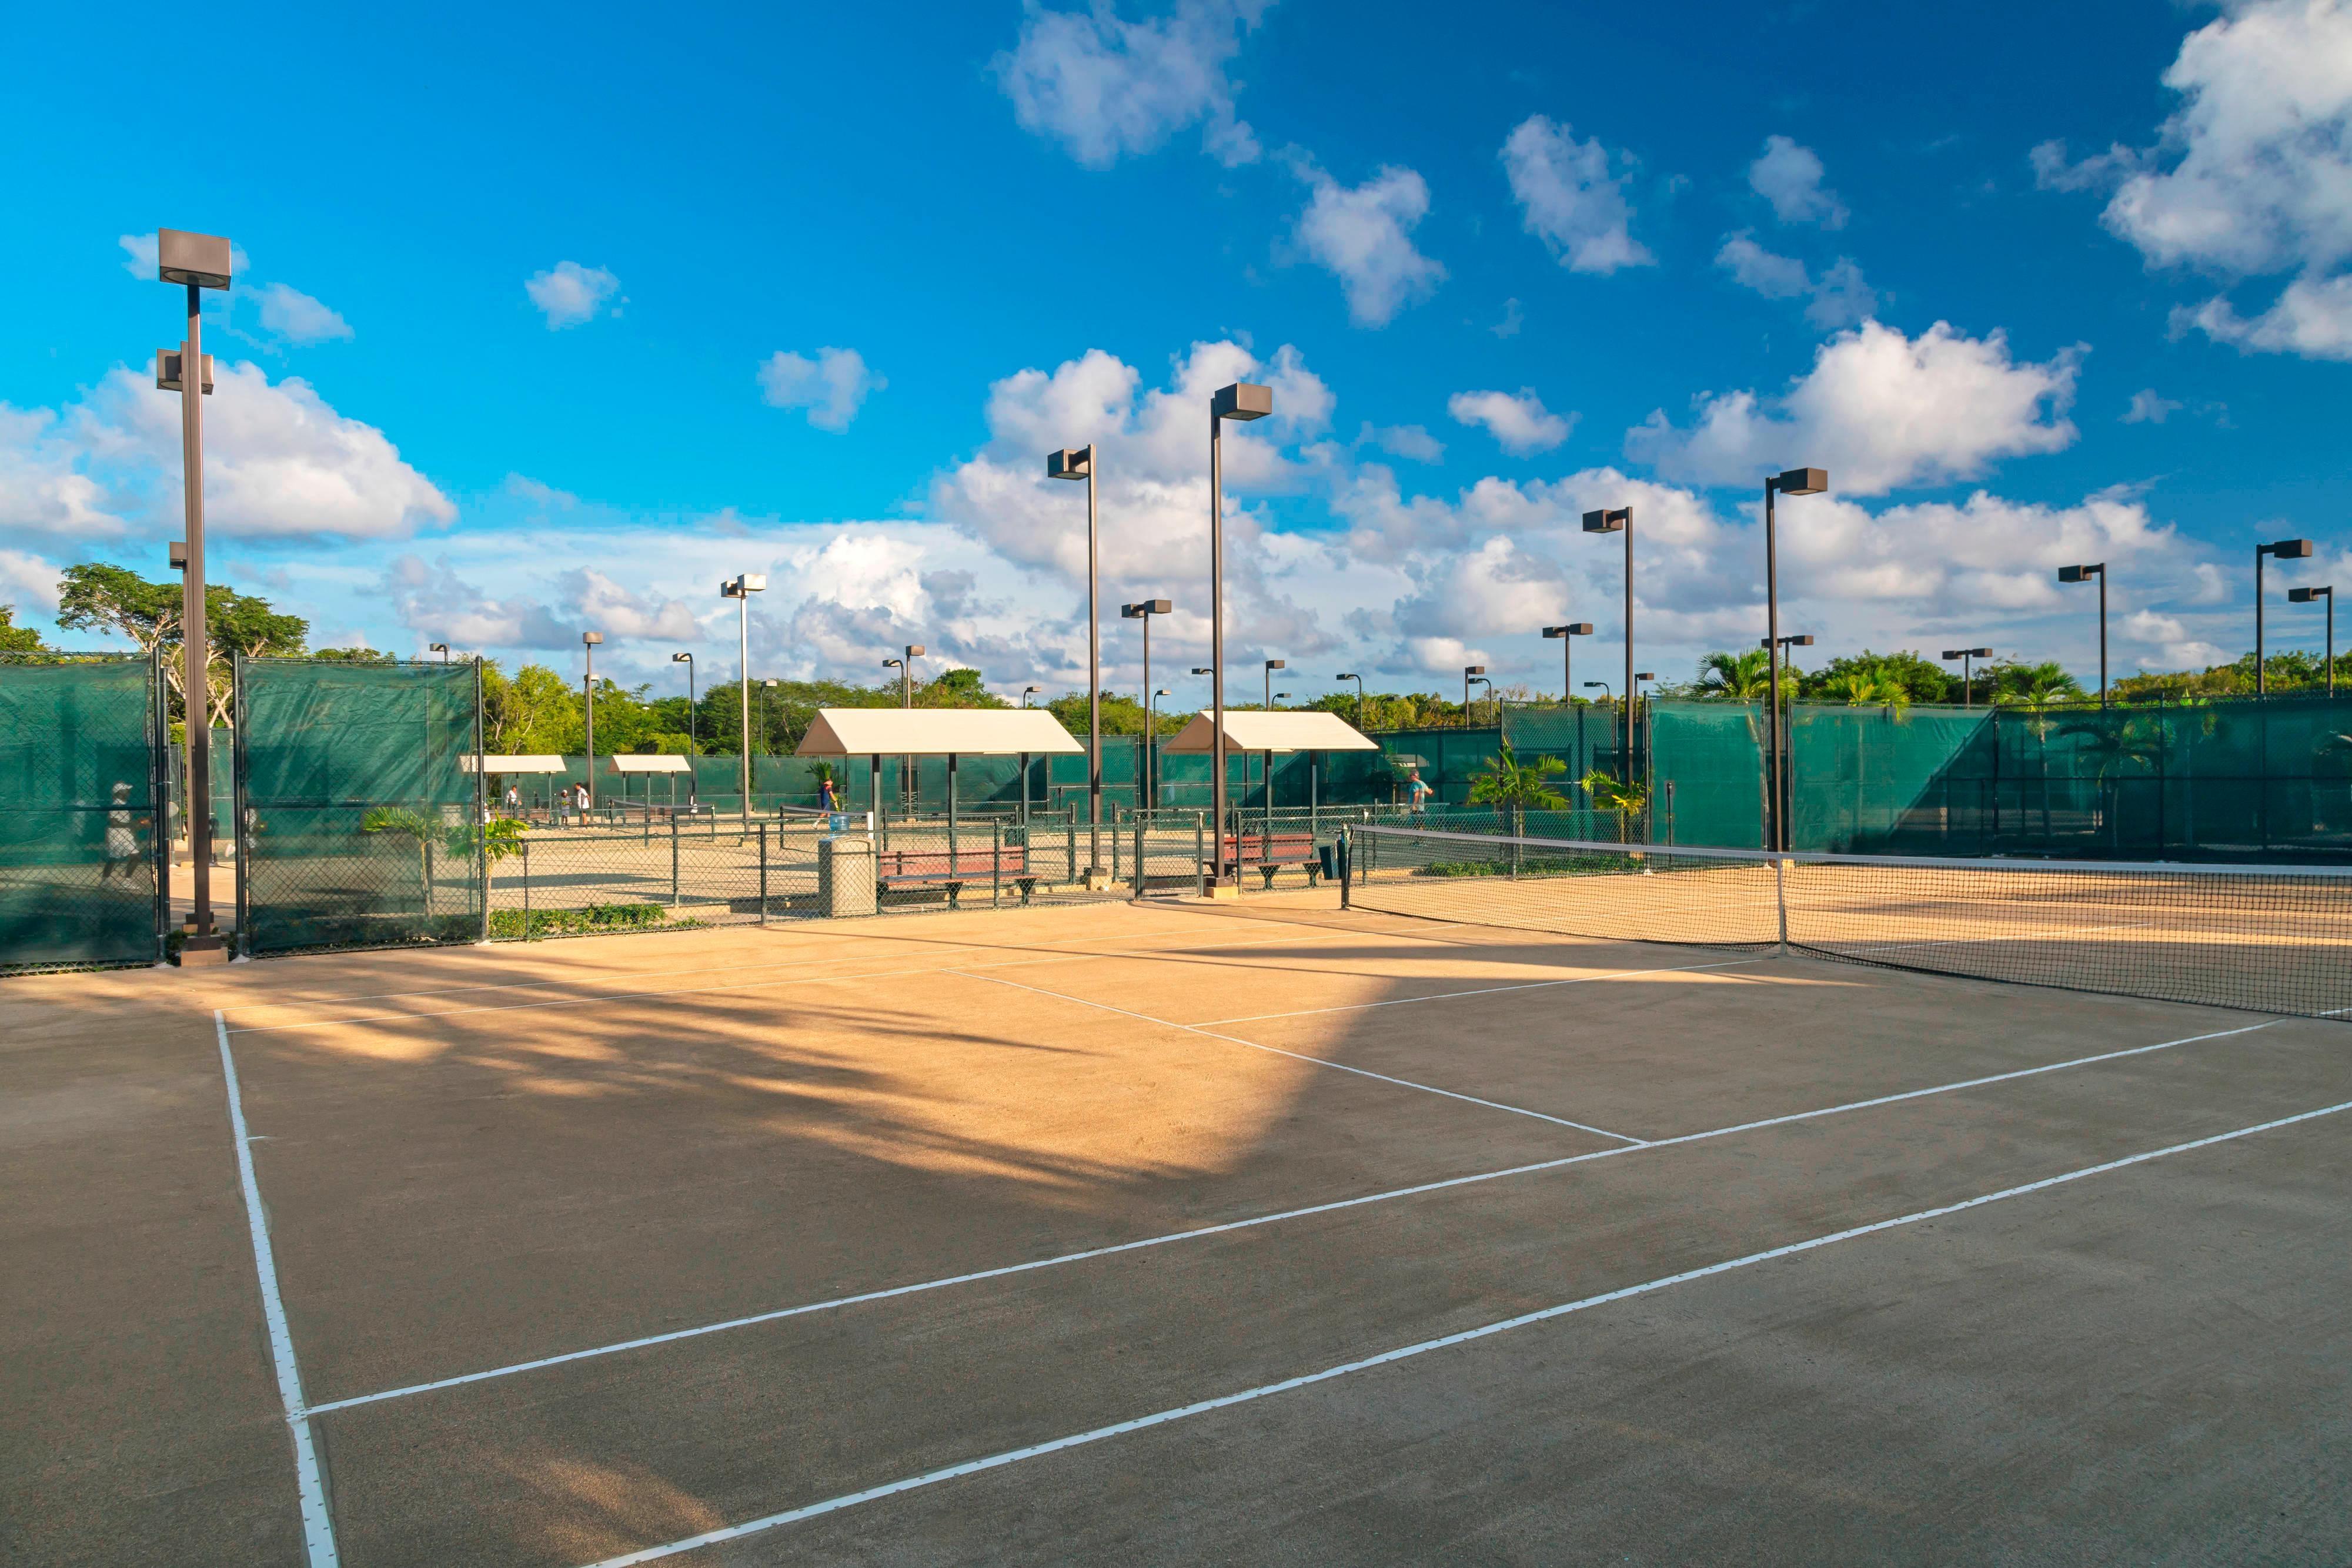 Oscar de la Renta Tennis Center